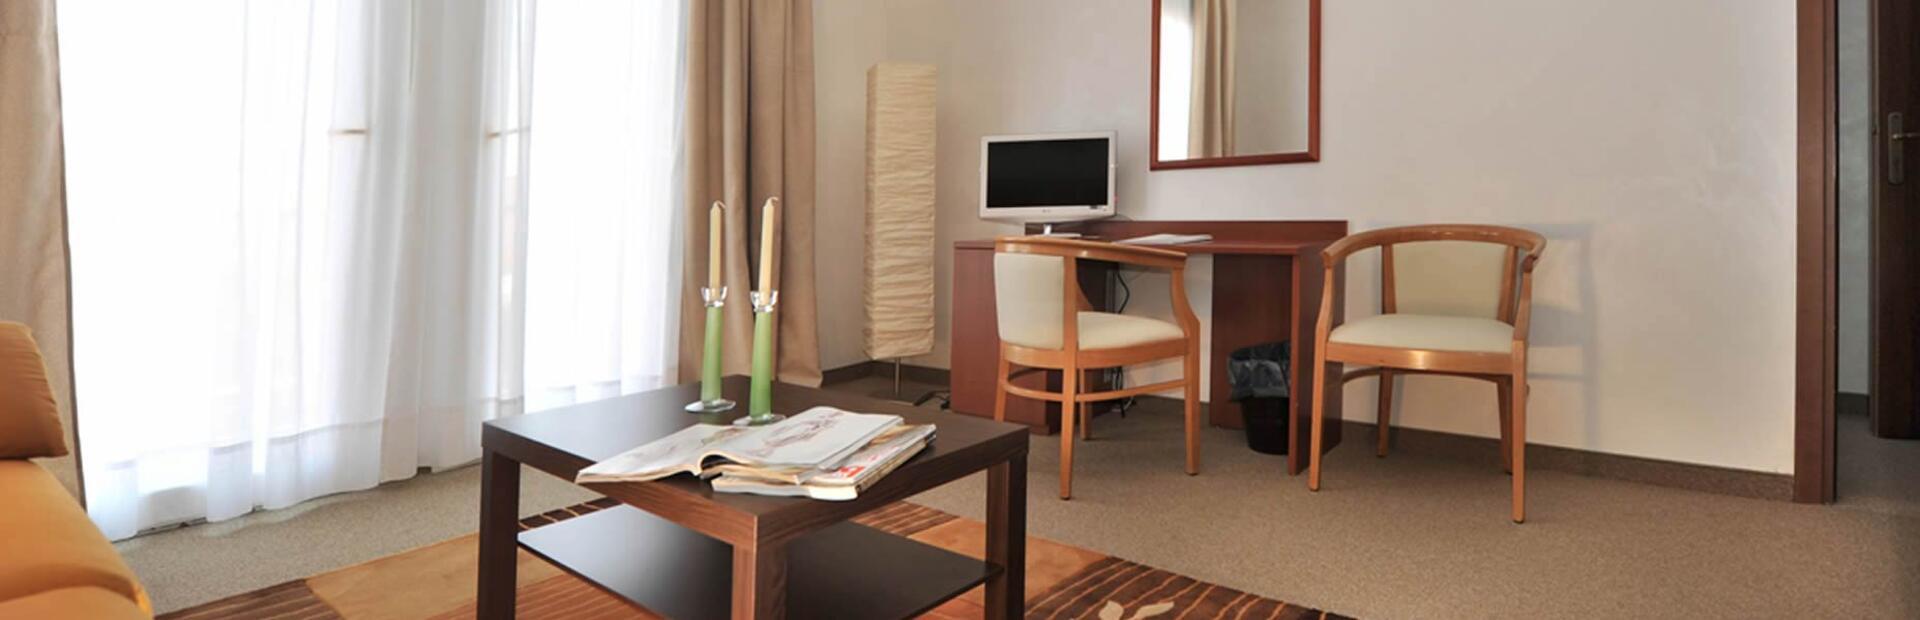 hotel-sole en junior-suite 001